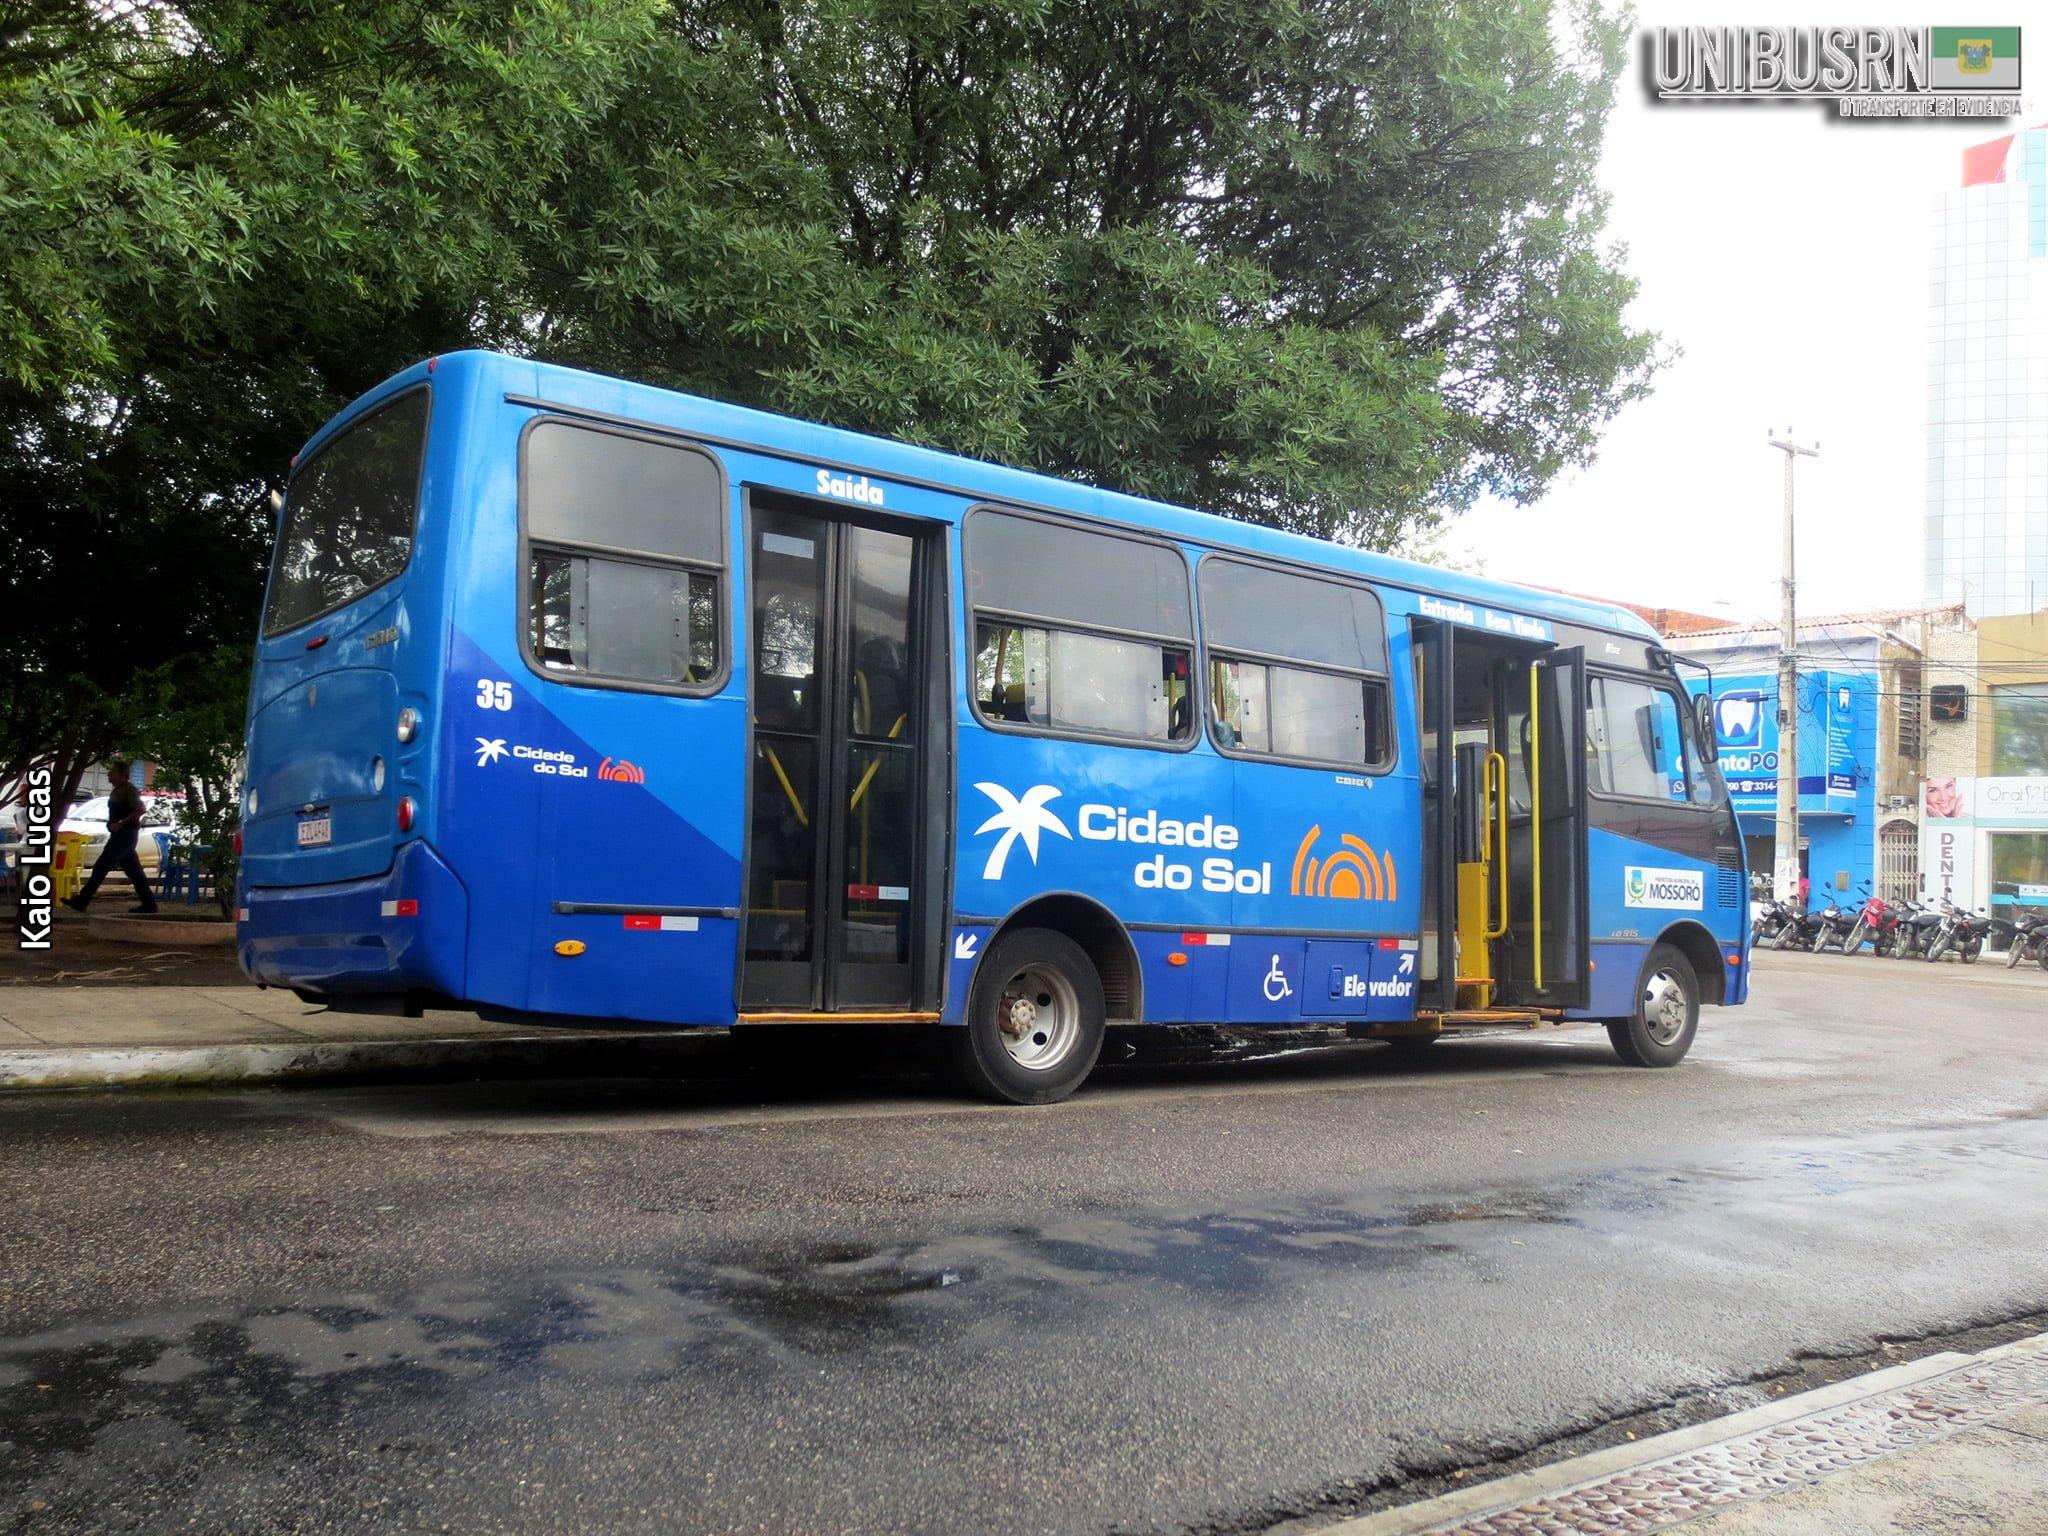 Mossoró: Cidade do Sol informa novo quadro de horário de 10 linhas de ônibus